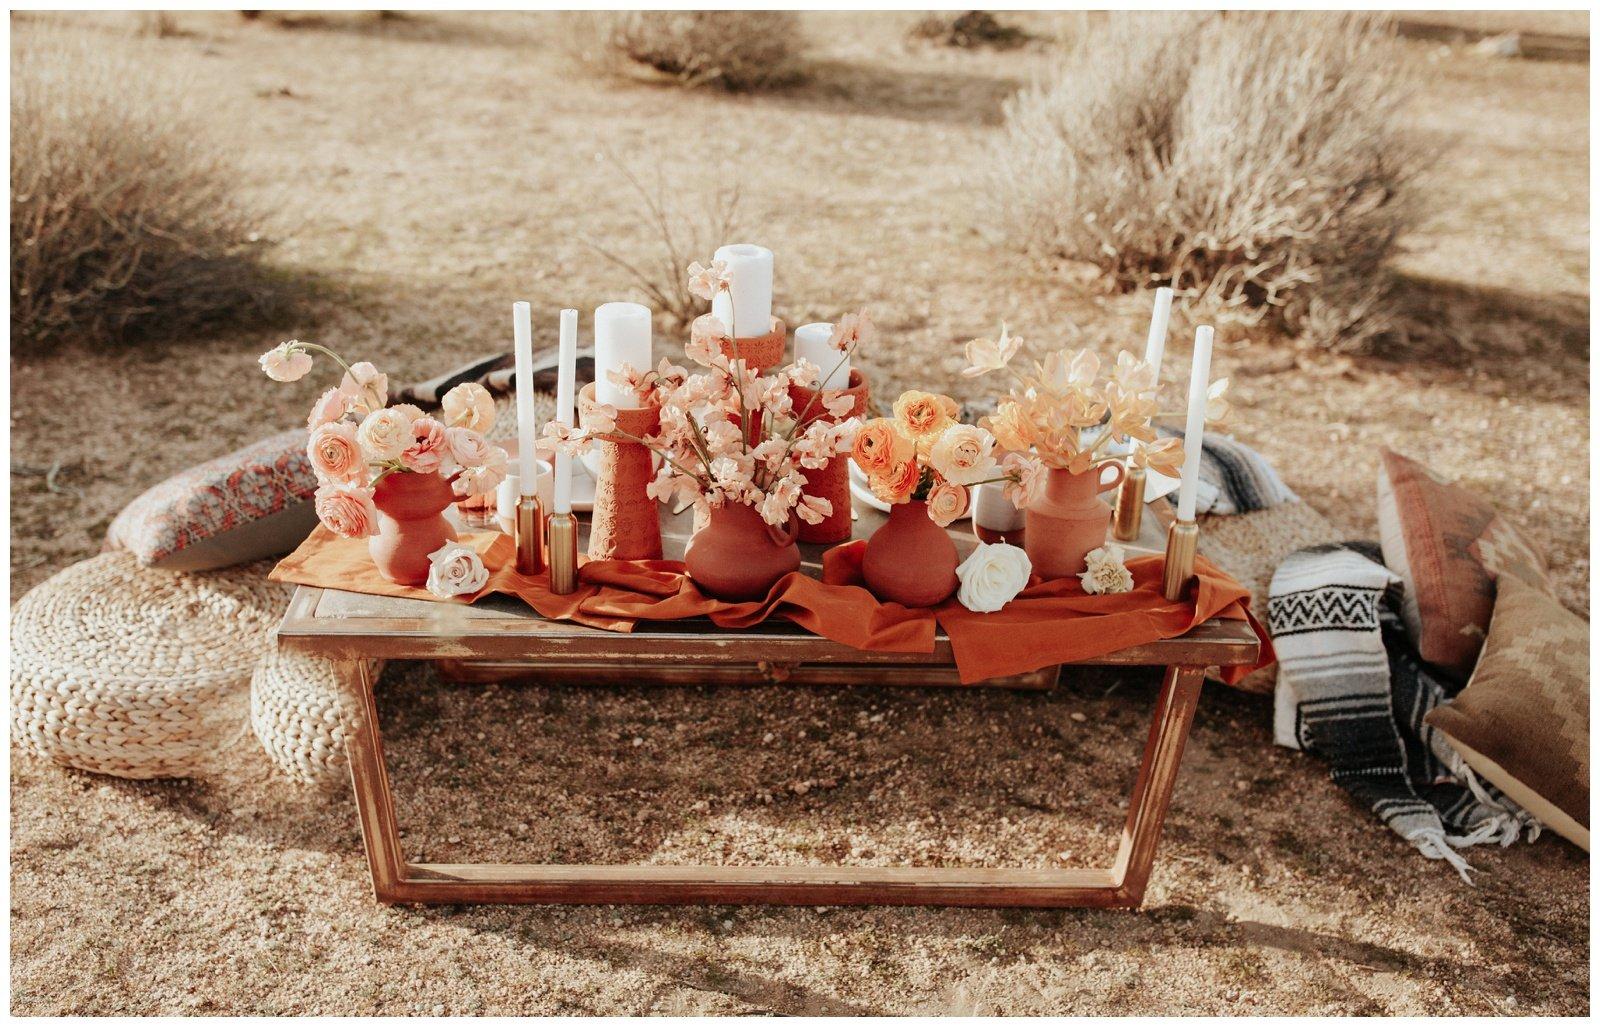 Wedding dinner set up in the desert